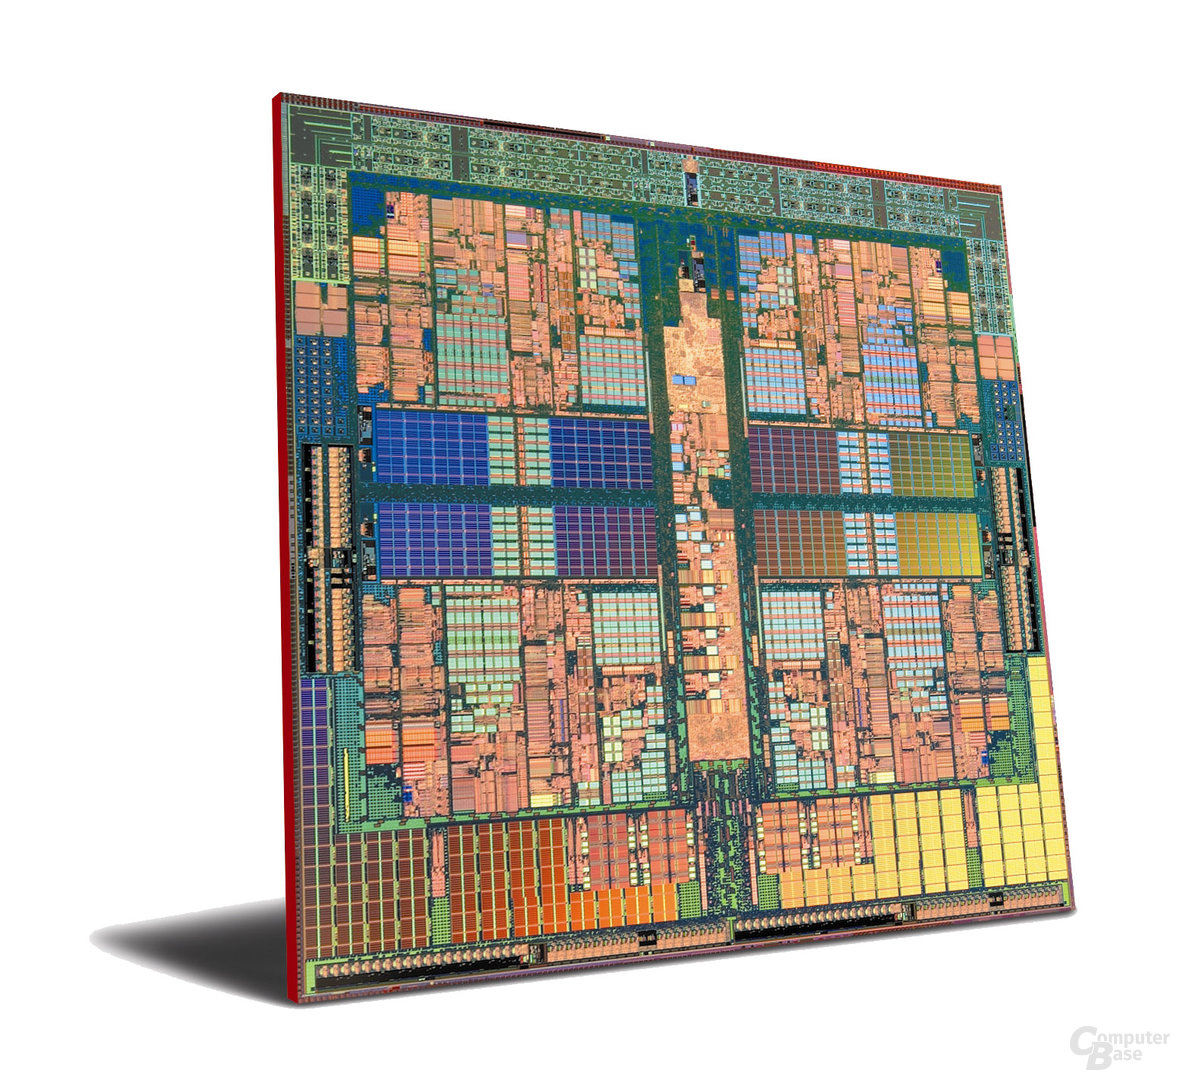 AMD Phenom X4 (Die-Shot)